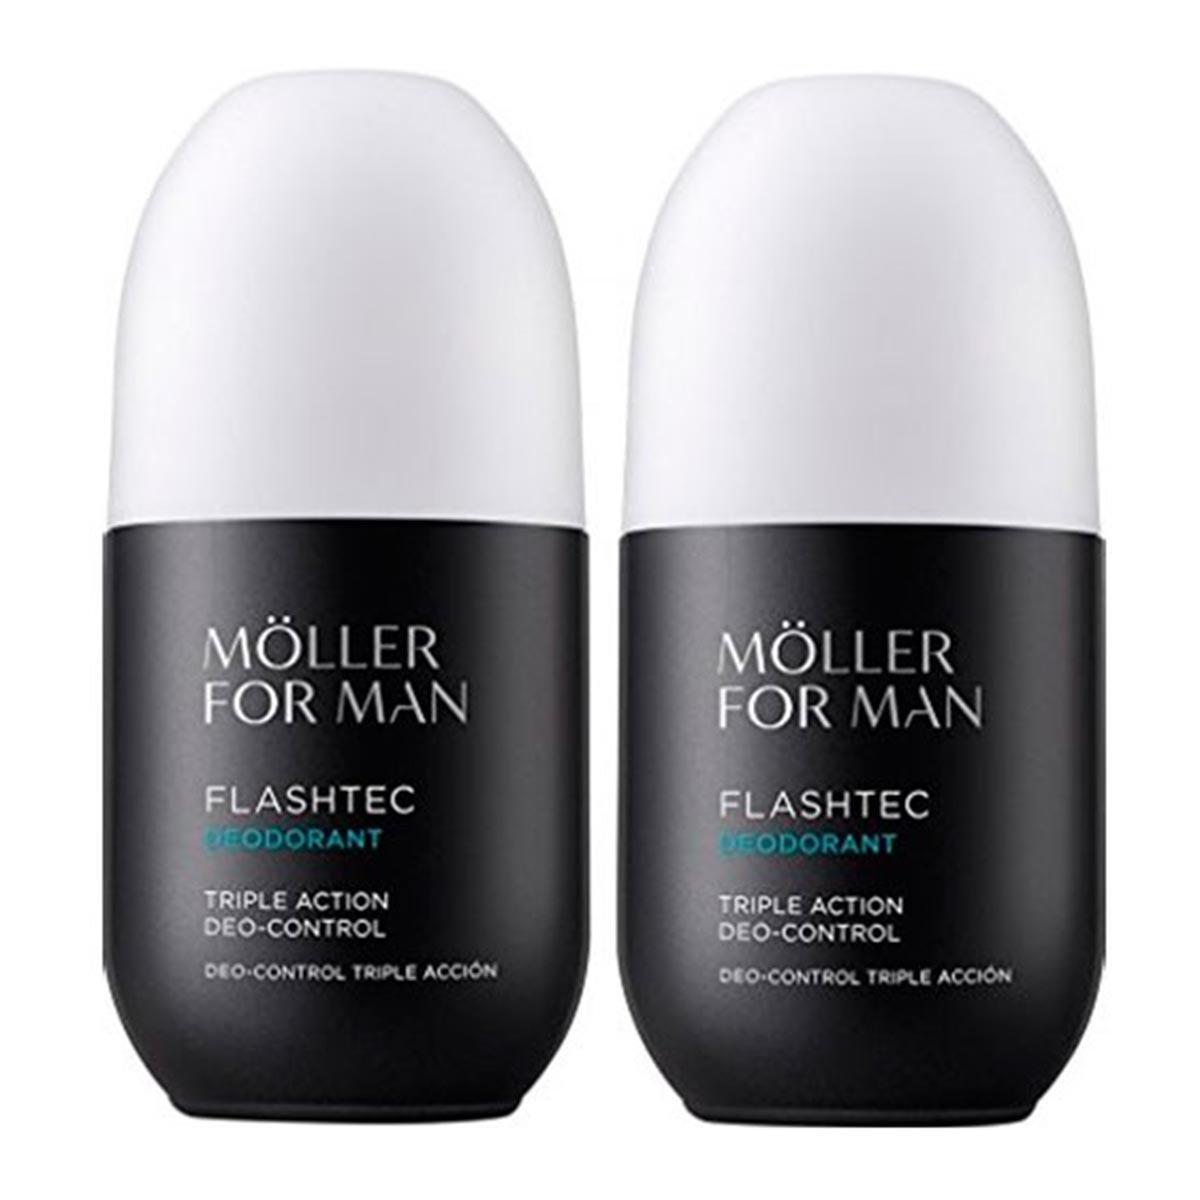 Anne Moller For Man Flashtec Triple Action Deo Control Cosmética Hombre - 1 pack 8423986012751